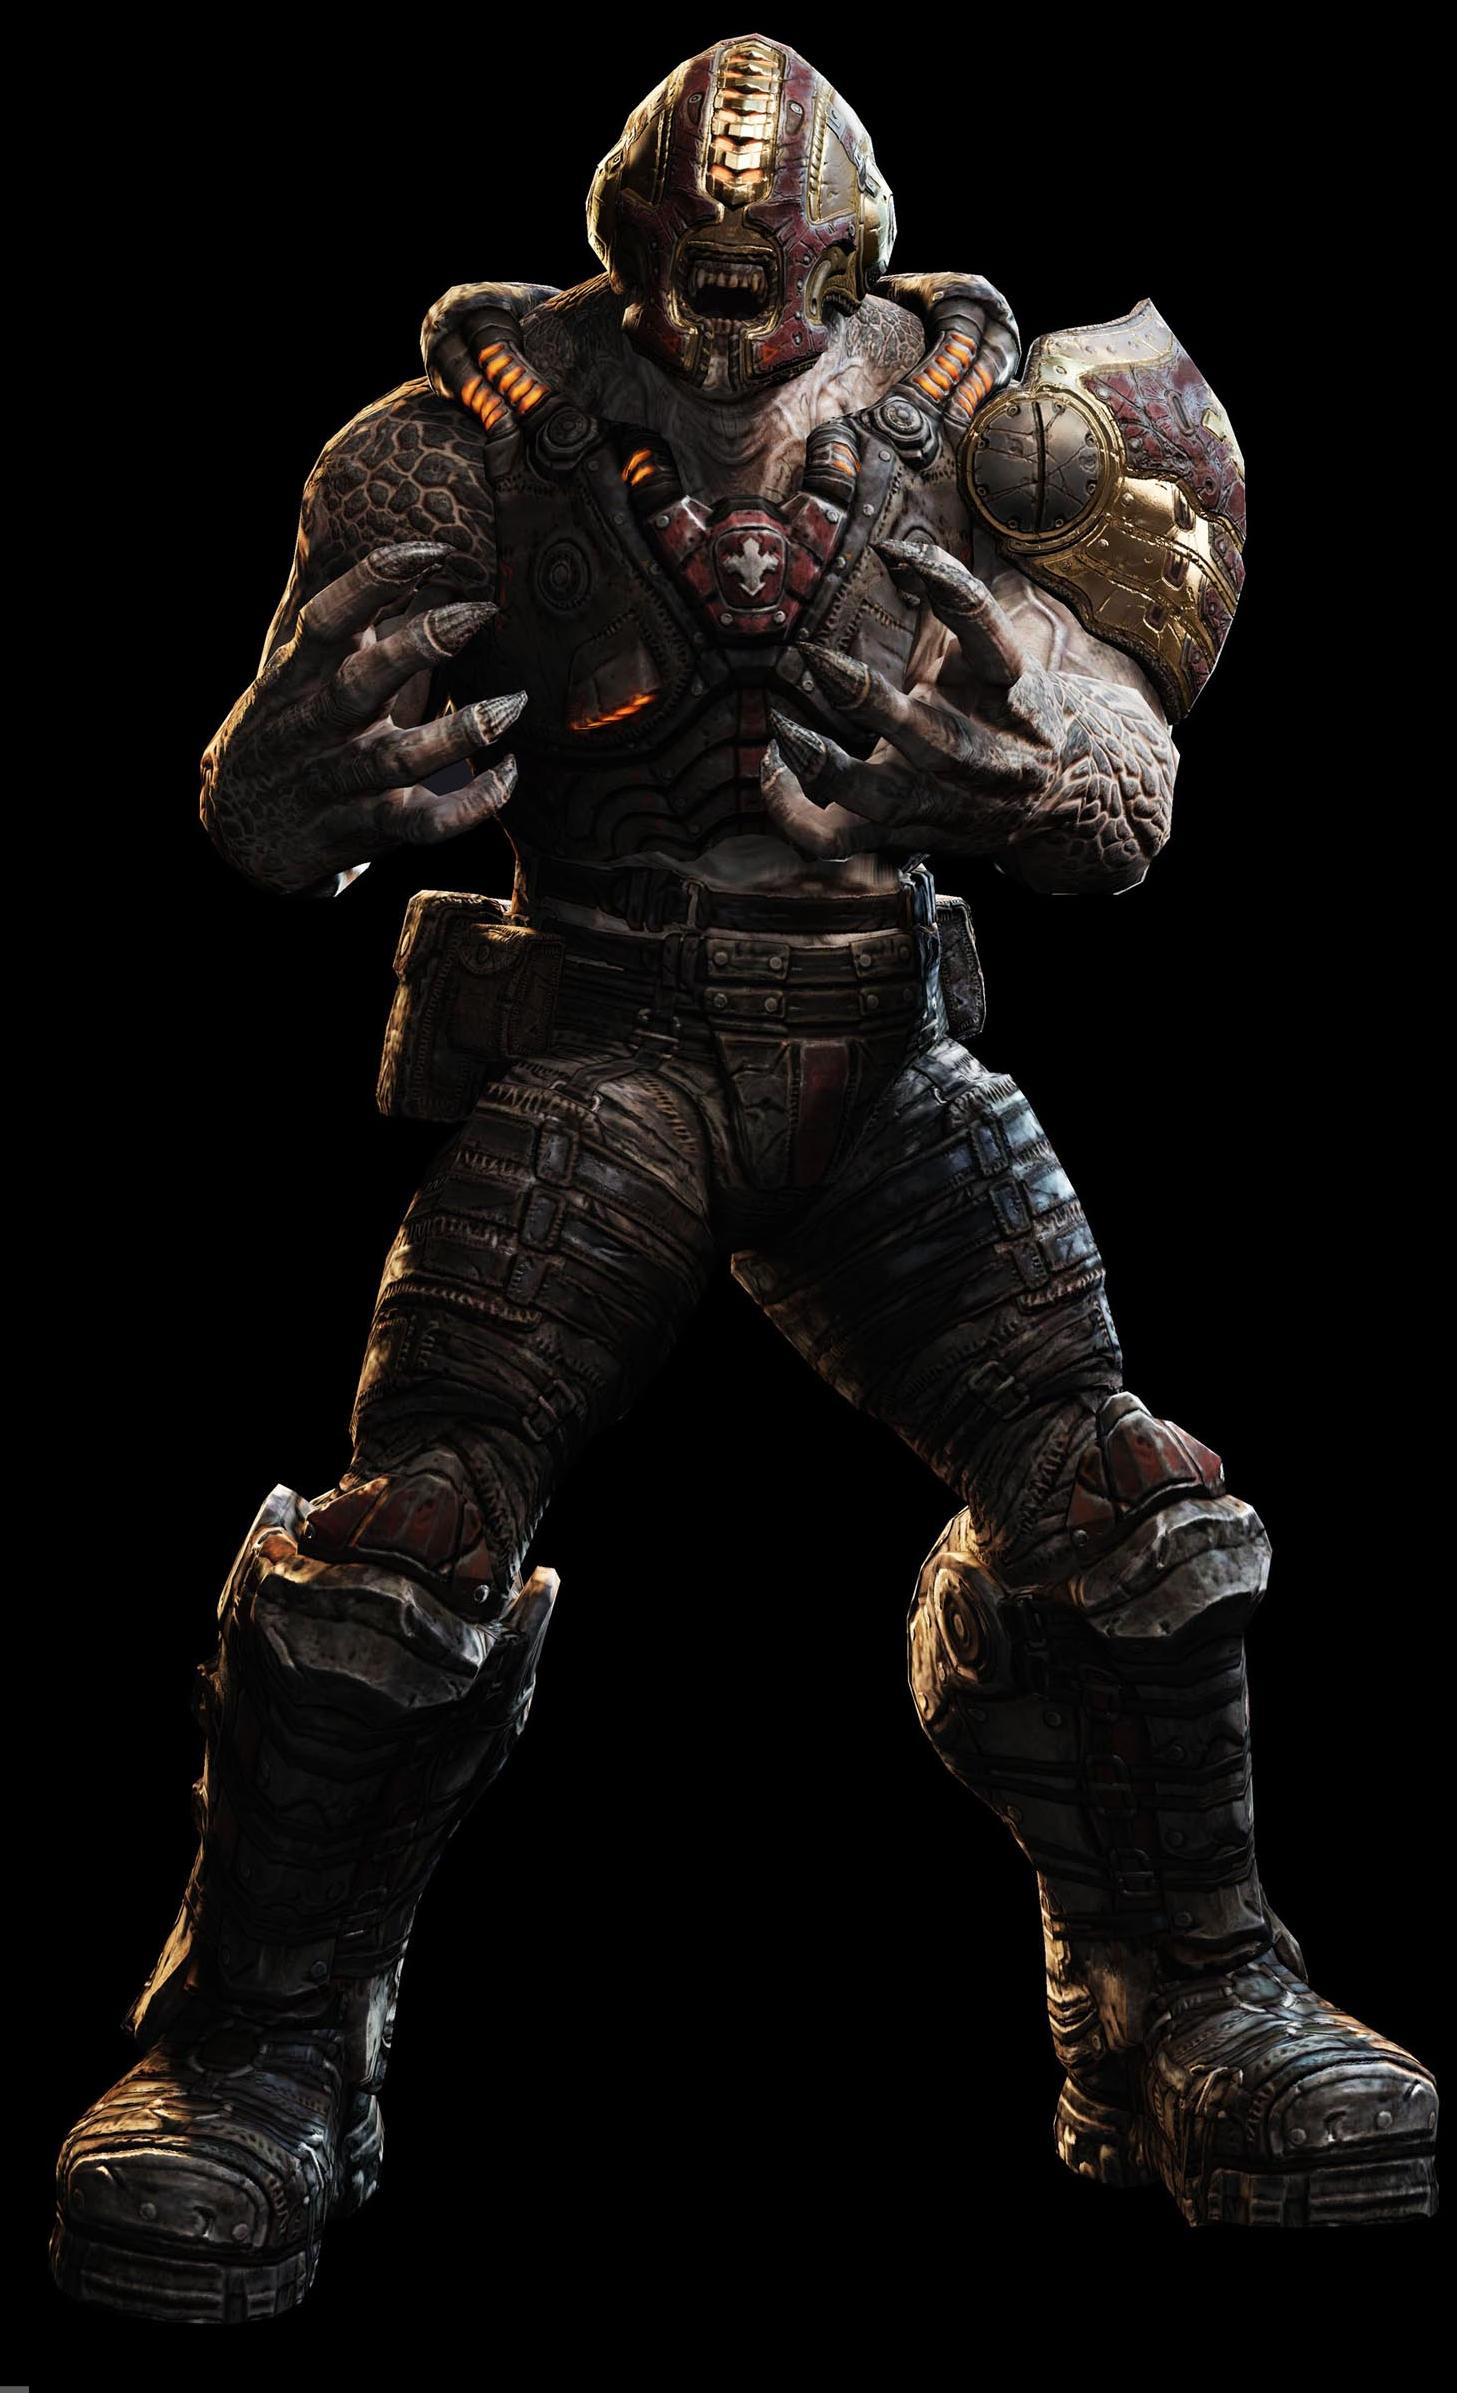 gears of war 4 characters - Google Search   Gears of war   Gears of